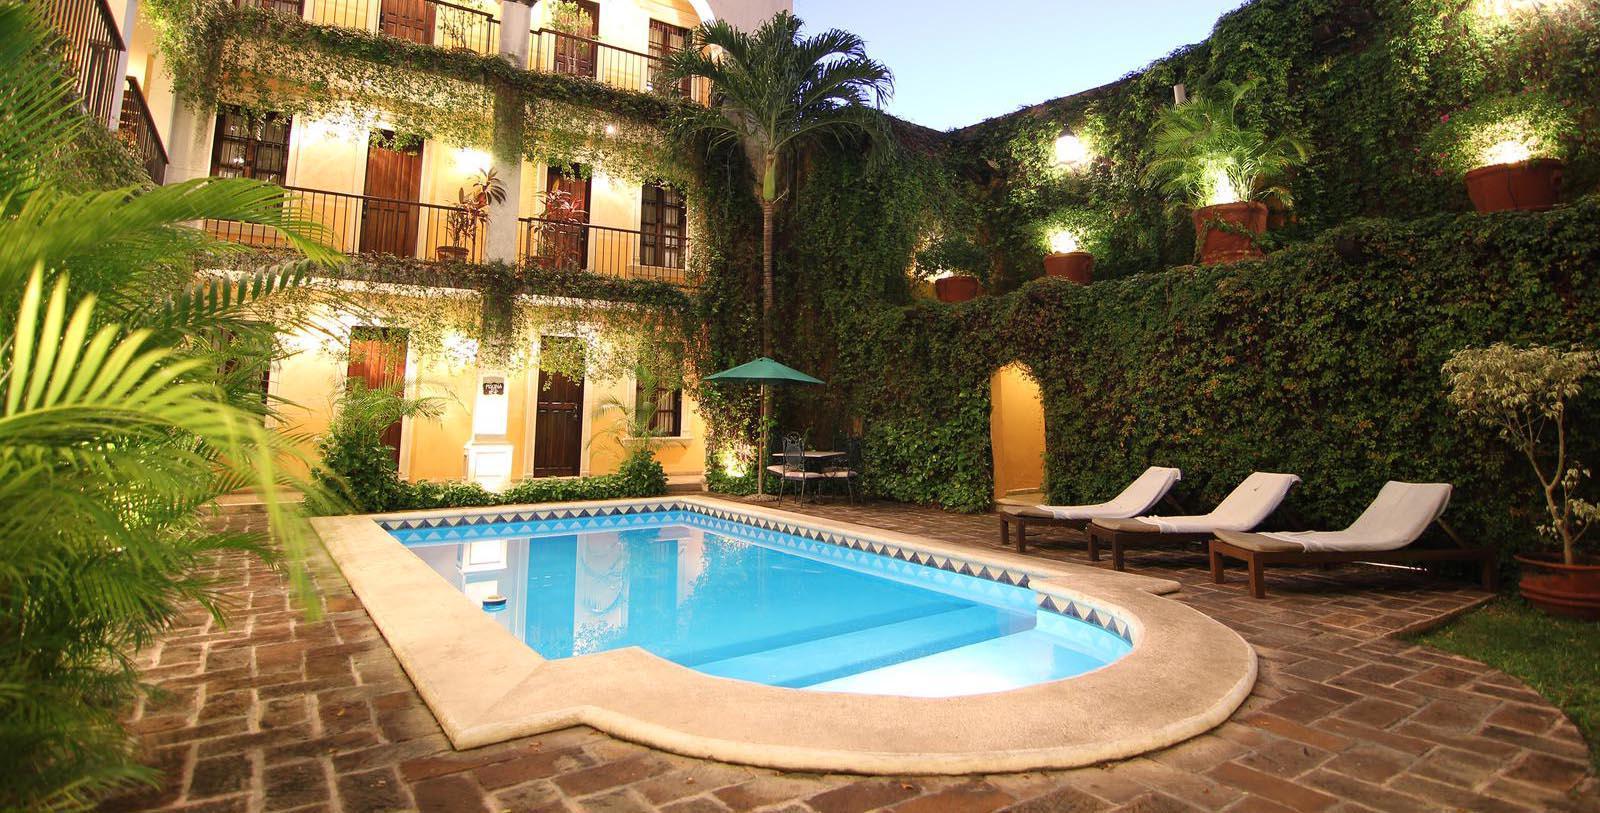 Image of Pool La Misión de Fray Diego, 1867 Member of Historic Hotels Worldwide, in Merida, Mexico, Hot Deals